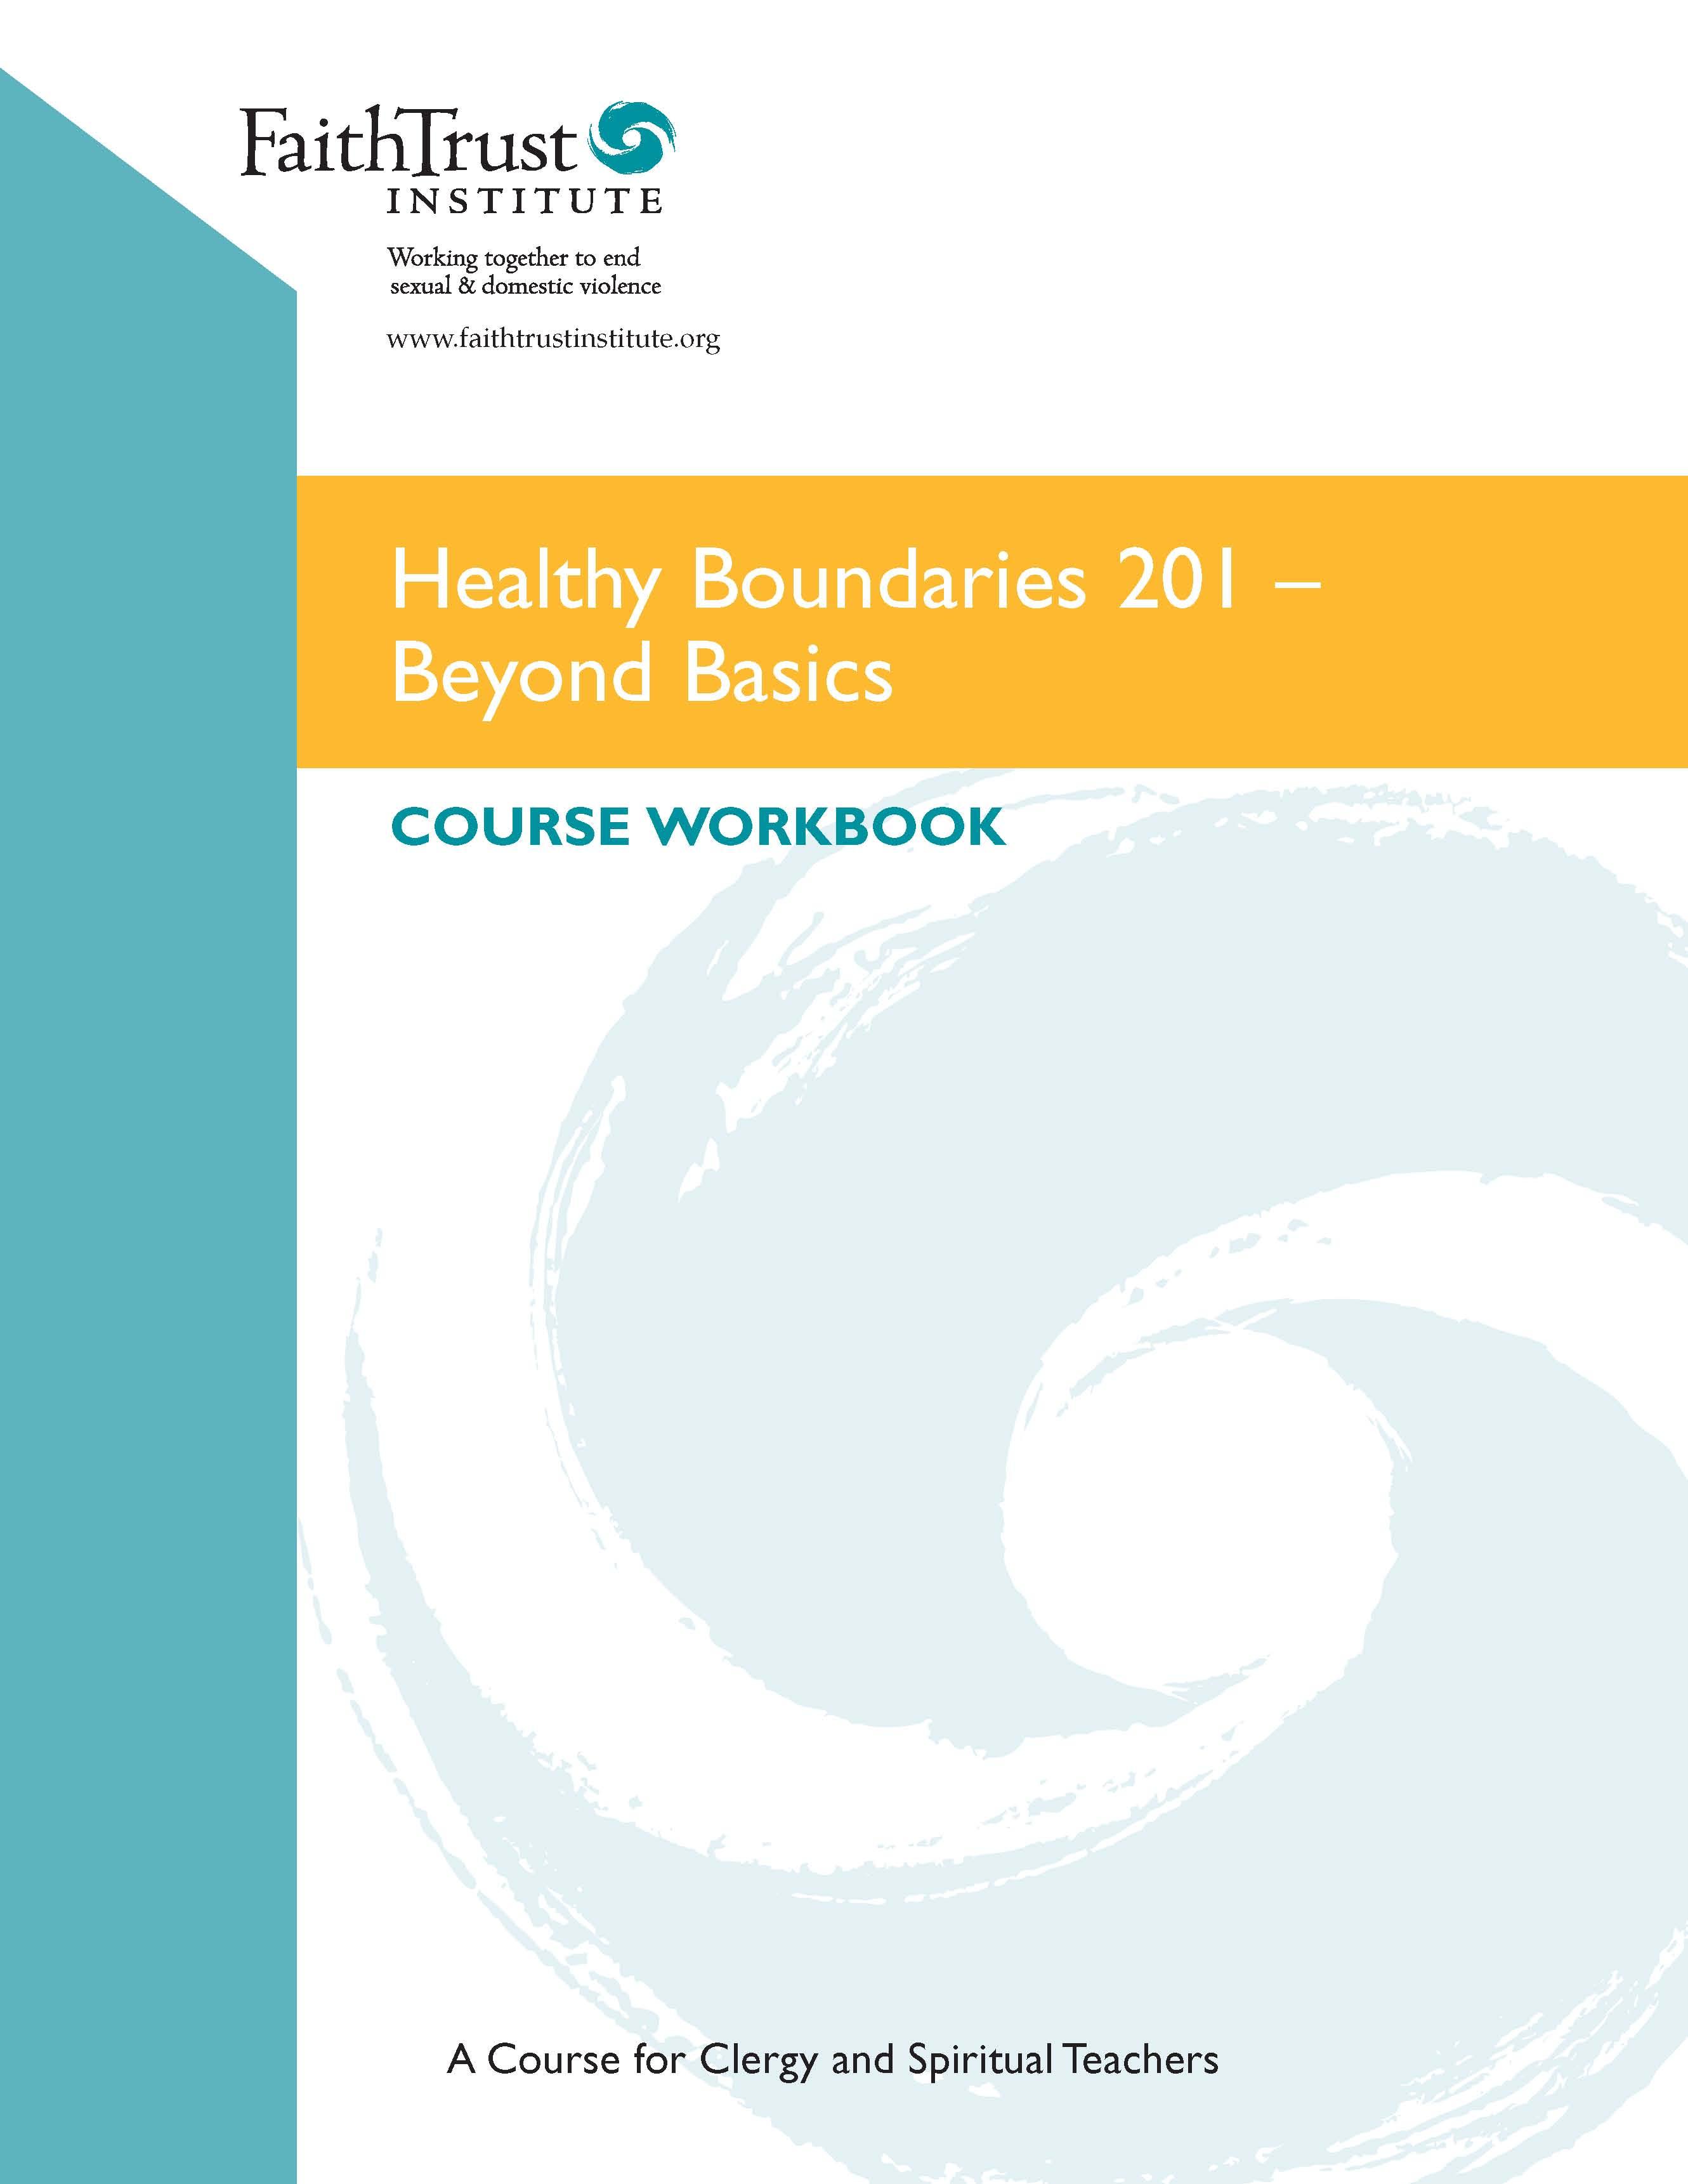 Workbook 201 Beyond Basics